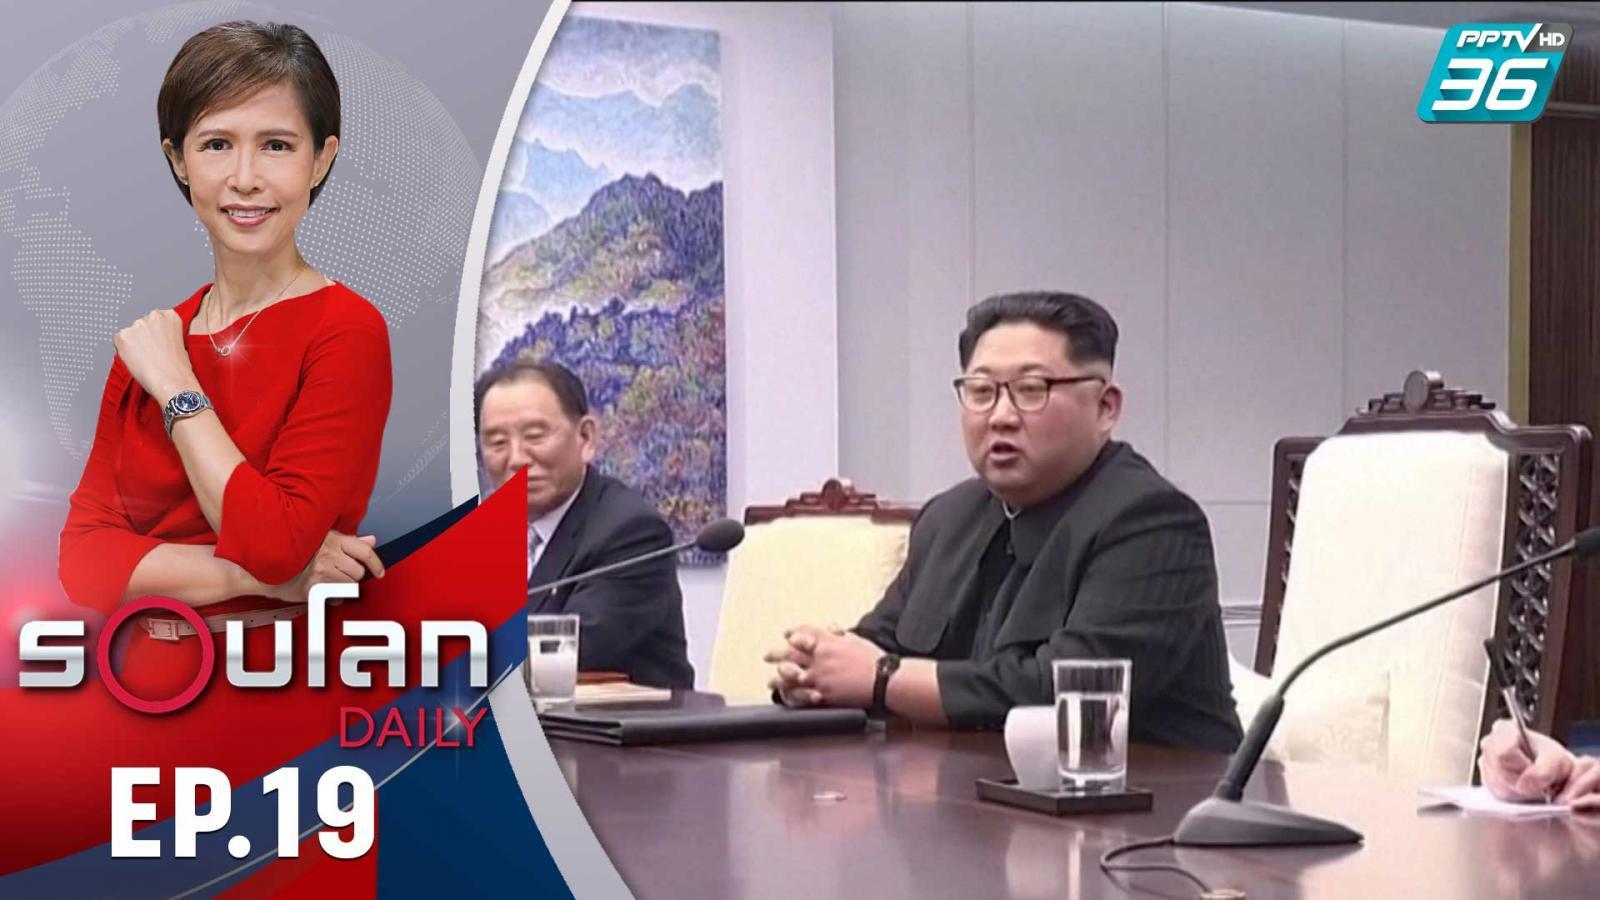 คิม จอง อึน สั่งระงับแผนปฏิบัติการทางทหาร ลดความกดดันเกาหลีใต้